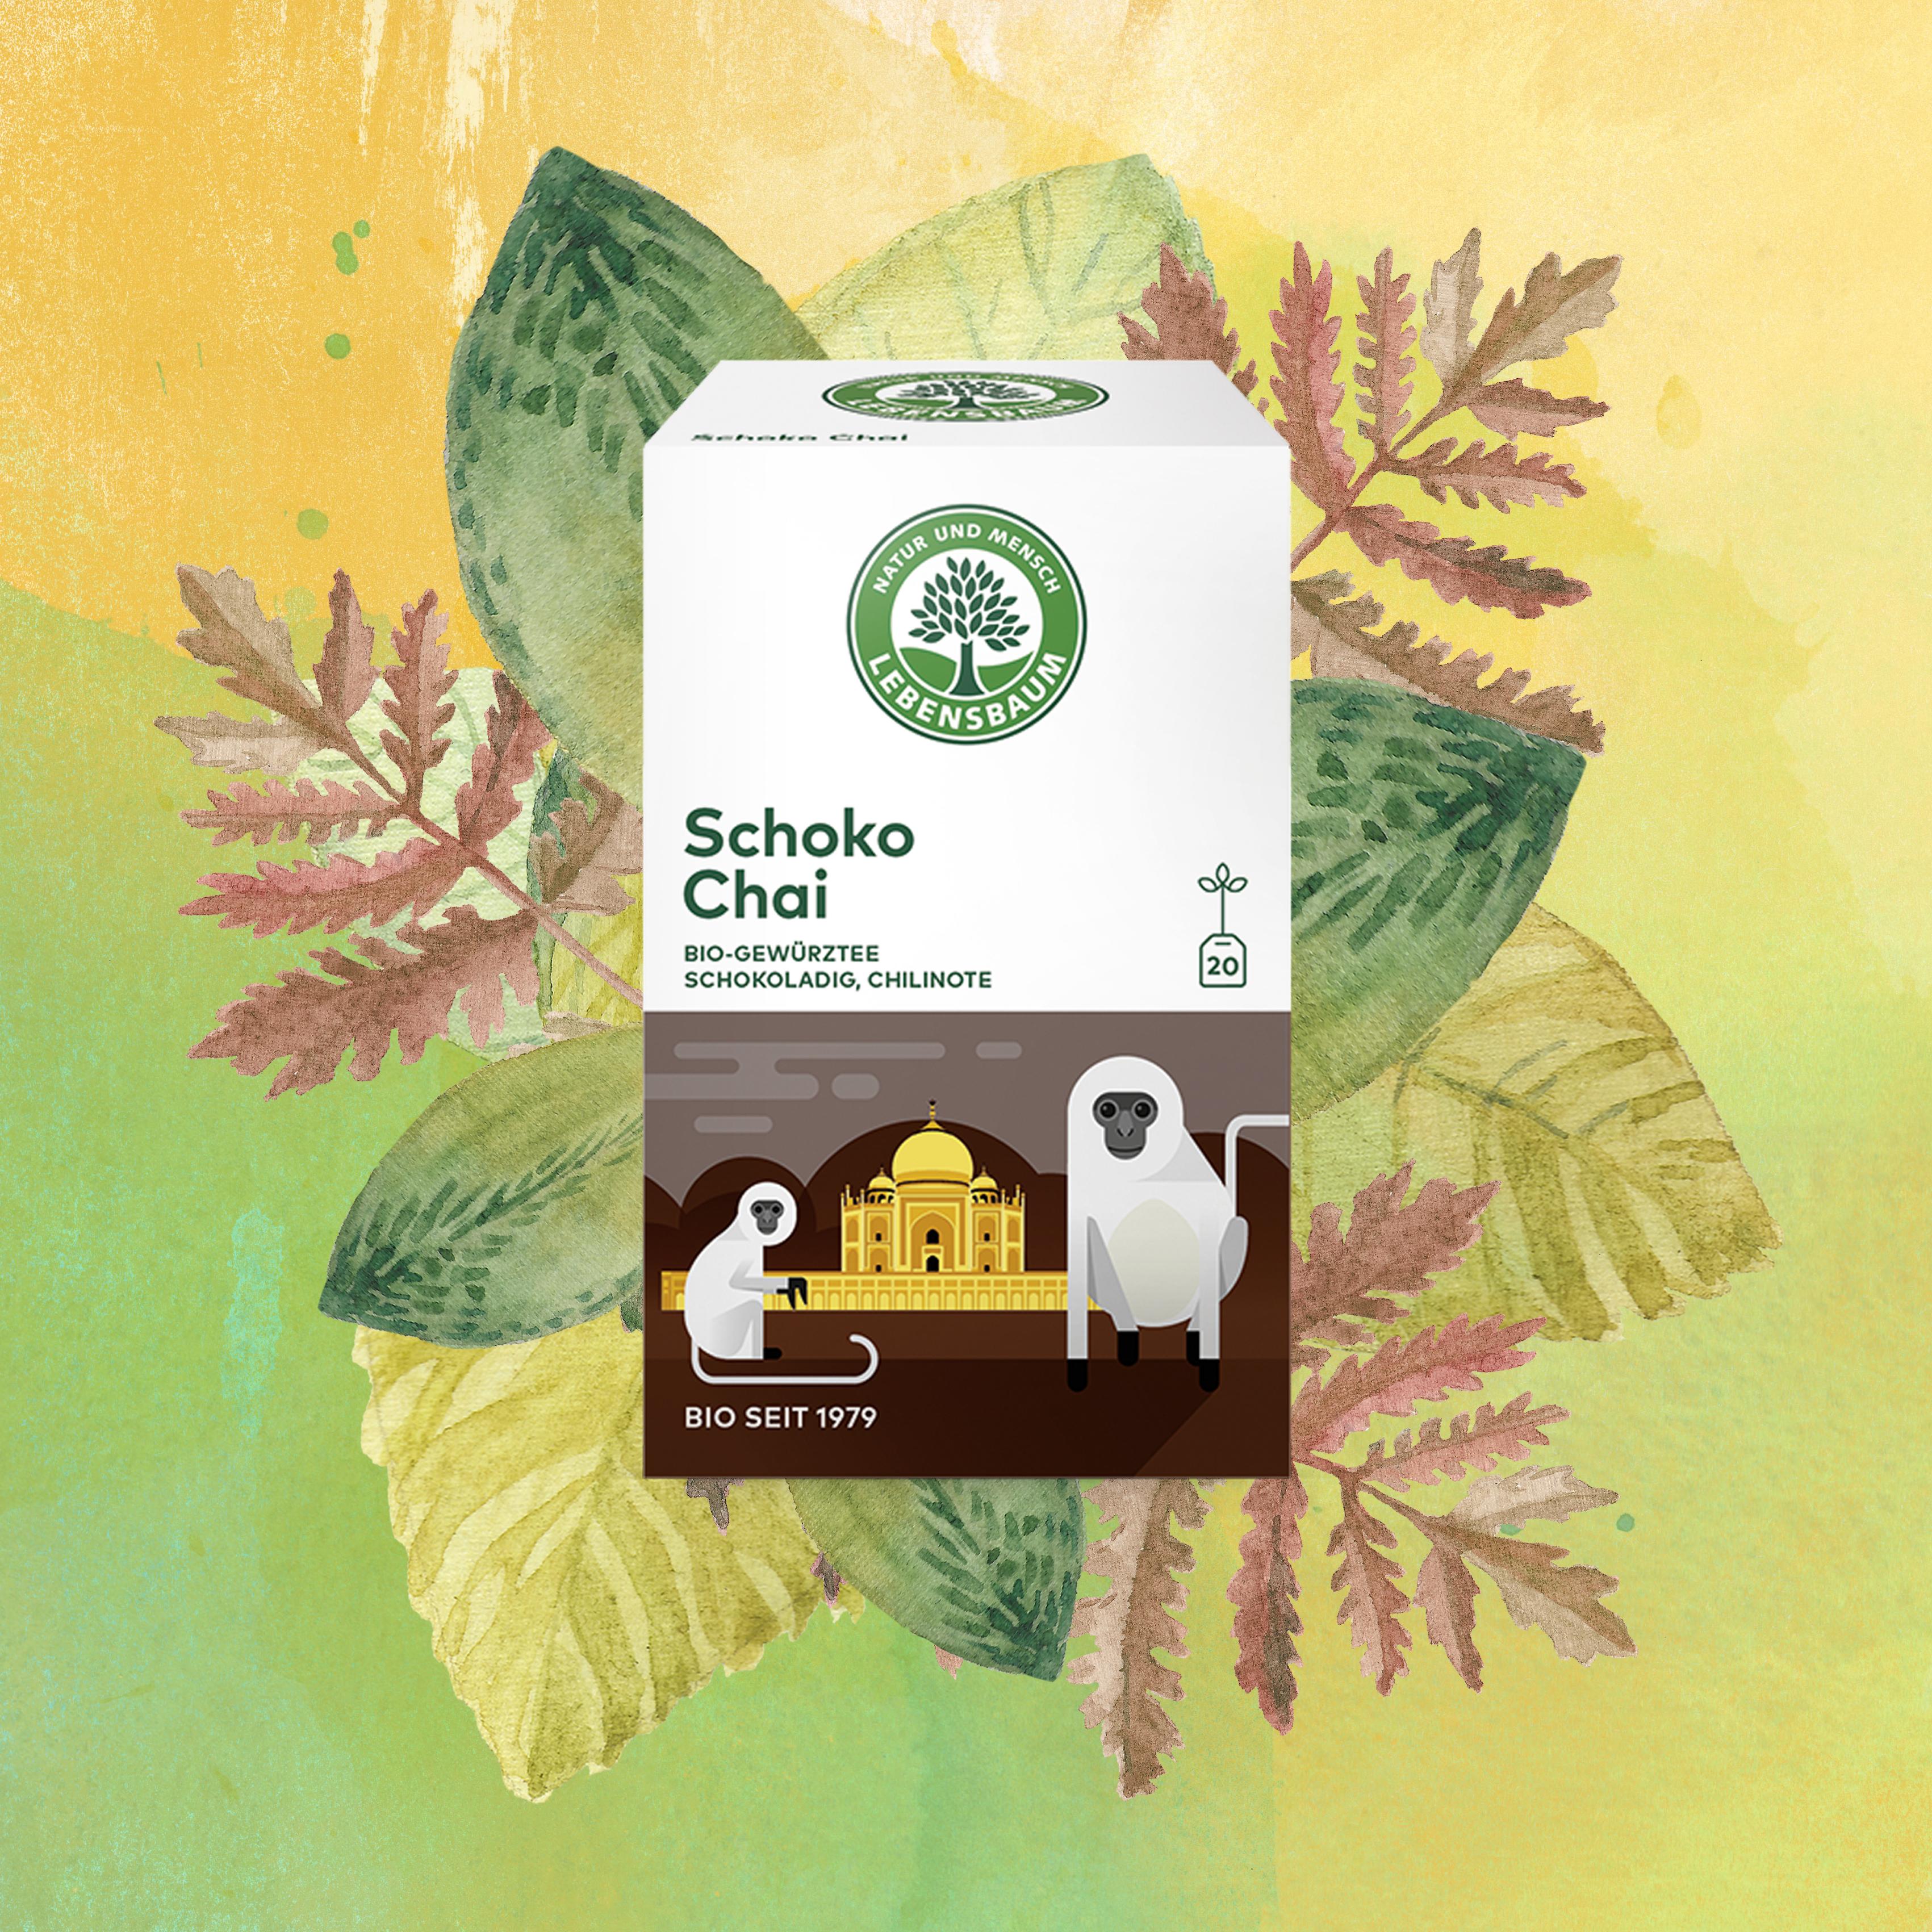 lebensbaum-wanderlust-tee-schoko-chai